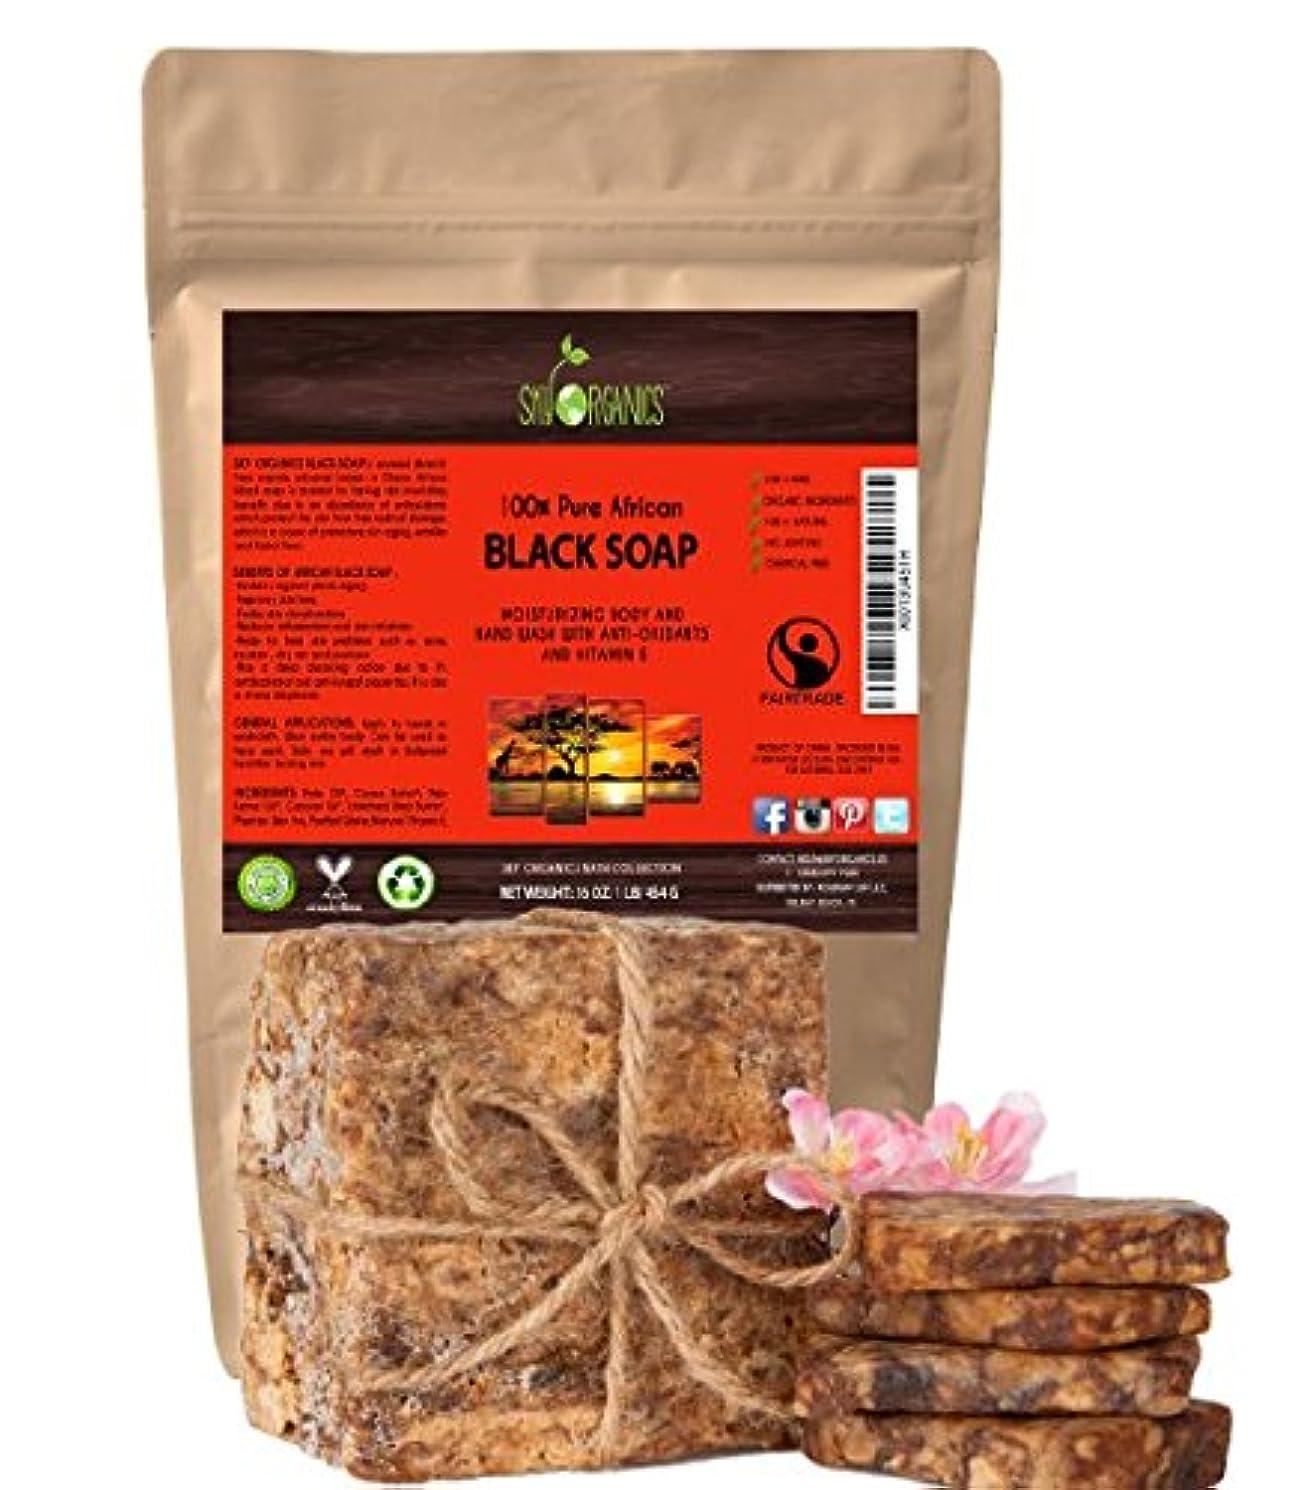 ポーズ芽困惑する切って使う オーガニック アフリカン ブラックソープ (約4563gブロック)Organic African Black Soap (16oz block) - Raw Organic Soap Ideal for Acne...